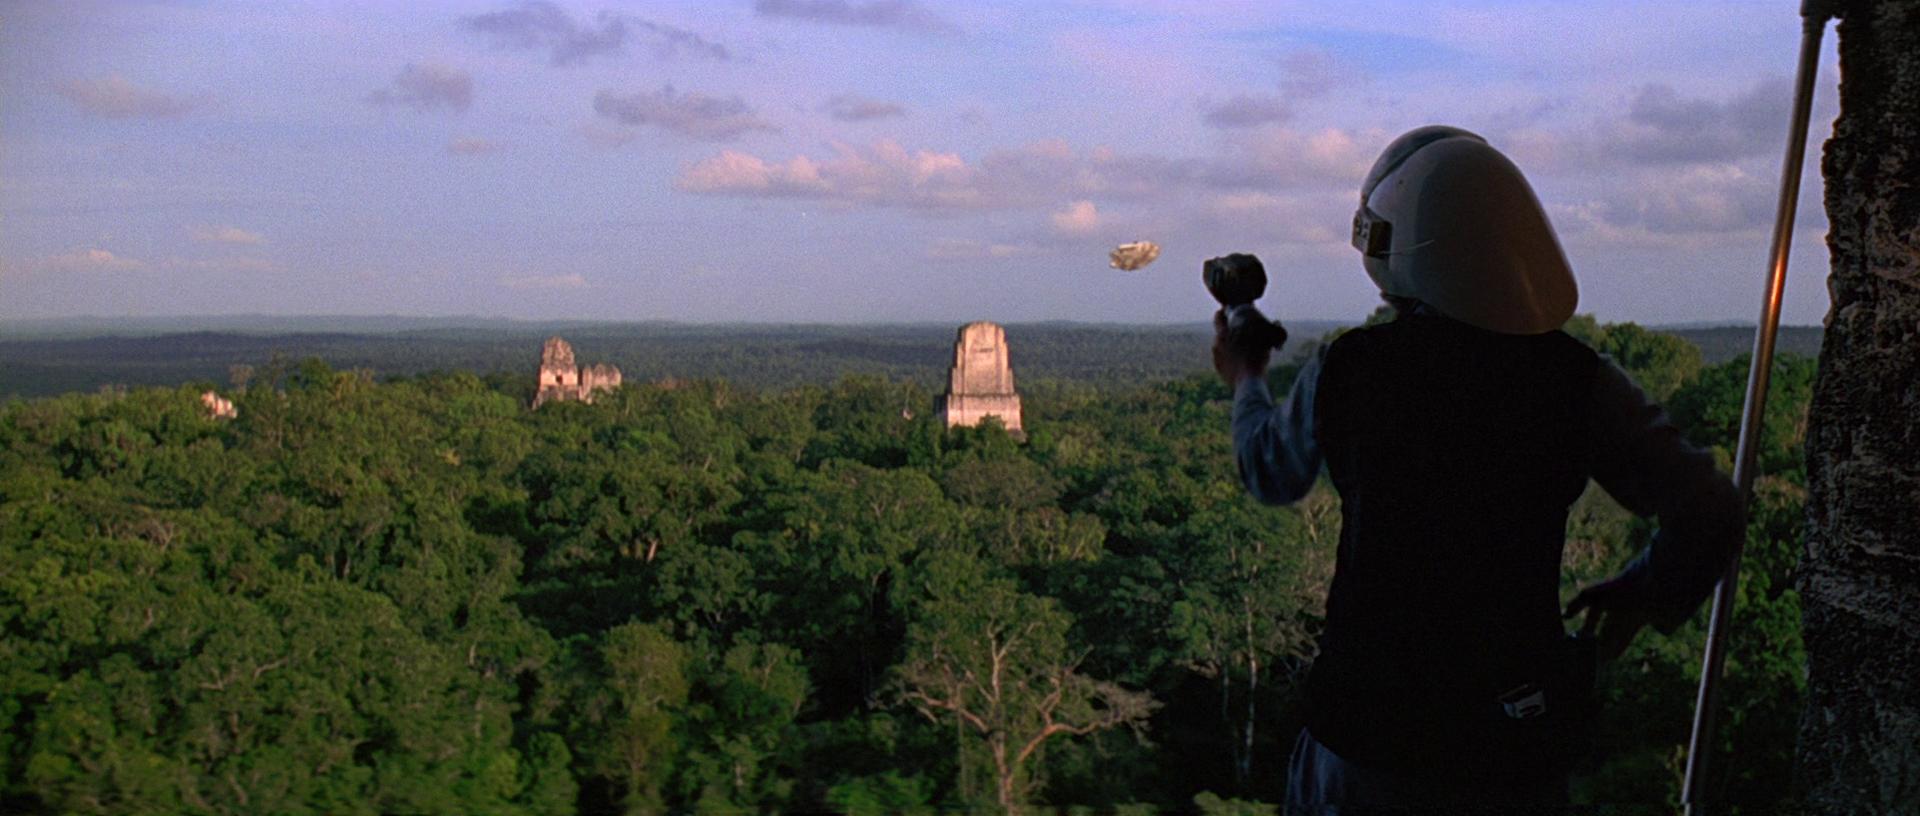 Tikal | Wookieepedia | FANDOM powered by Wikia